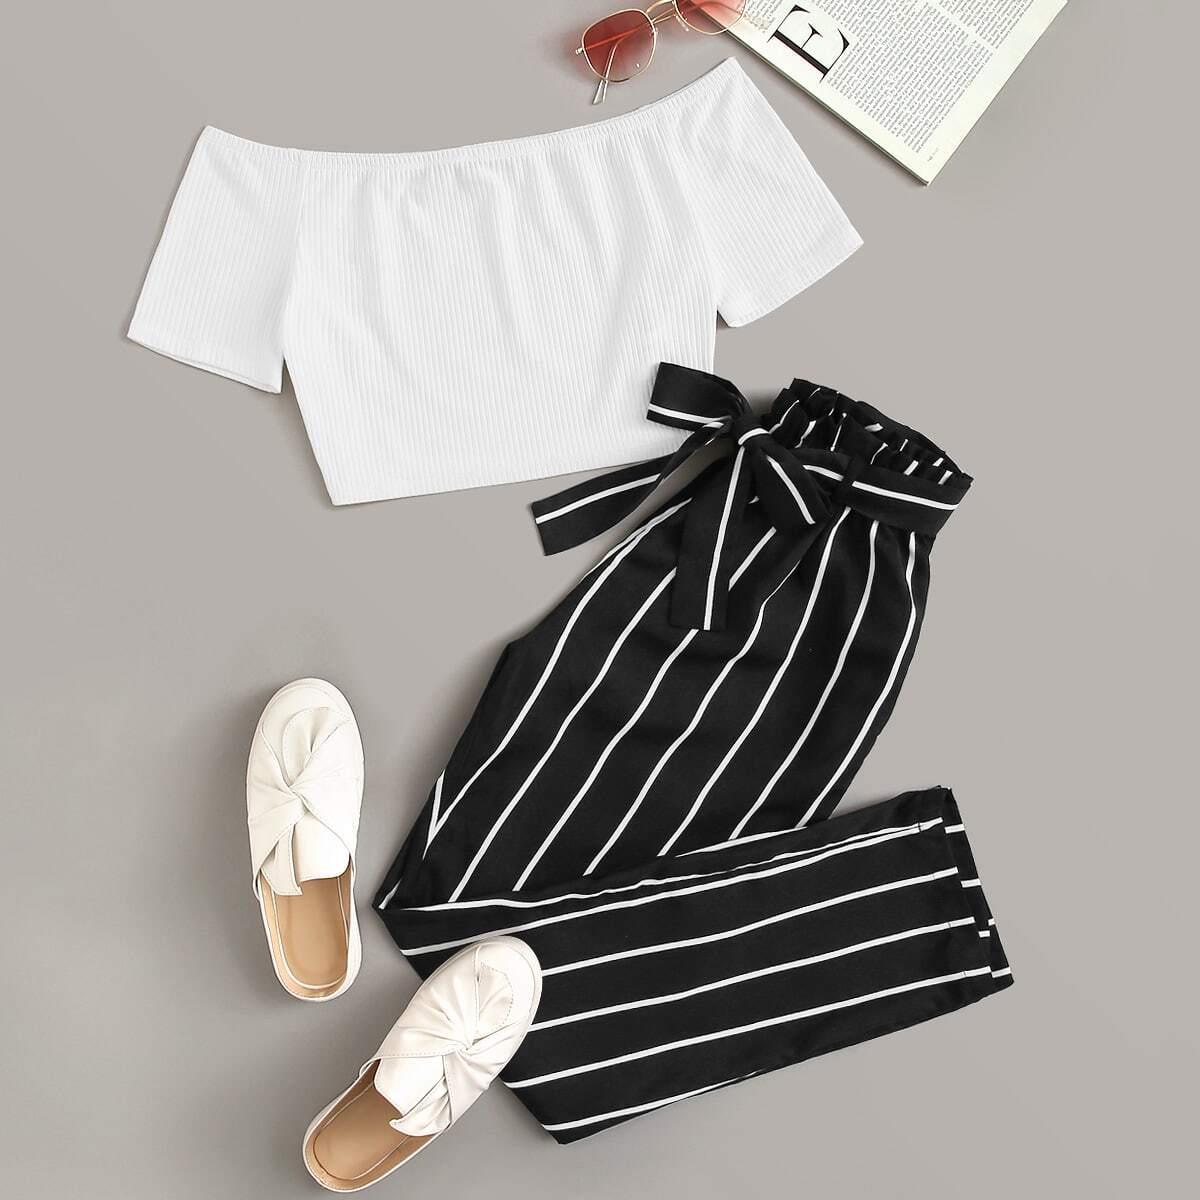 Трикотажный короткий топ и брюки с присборенной талией и поясом от SHEIN